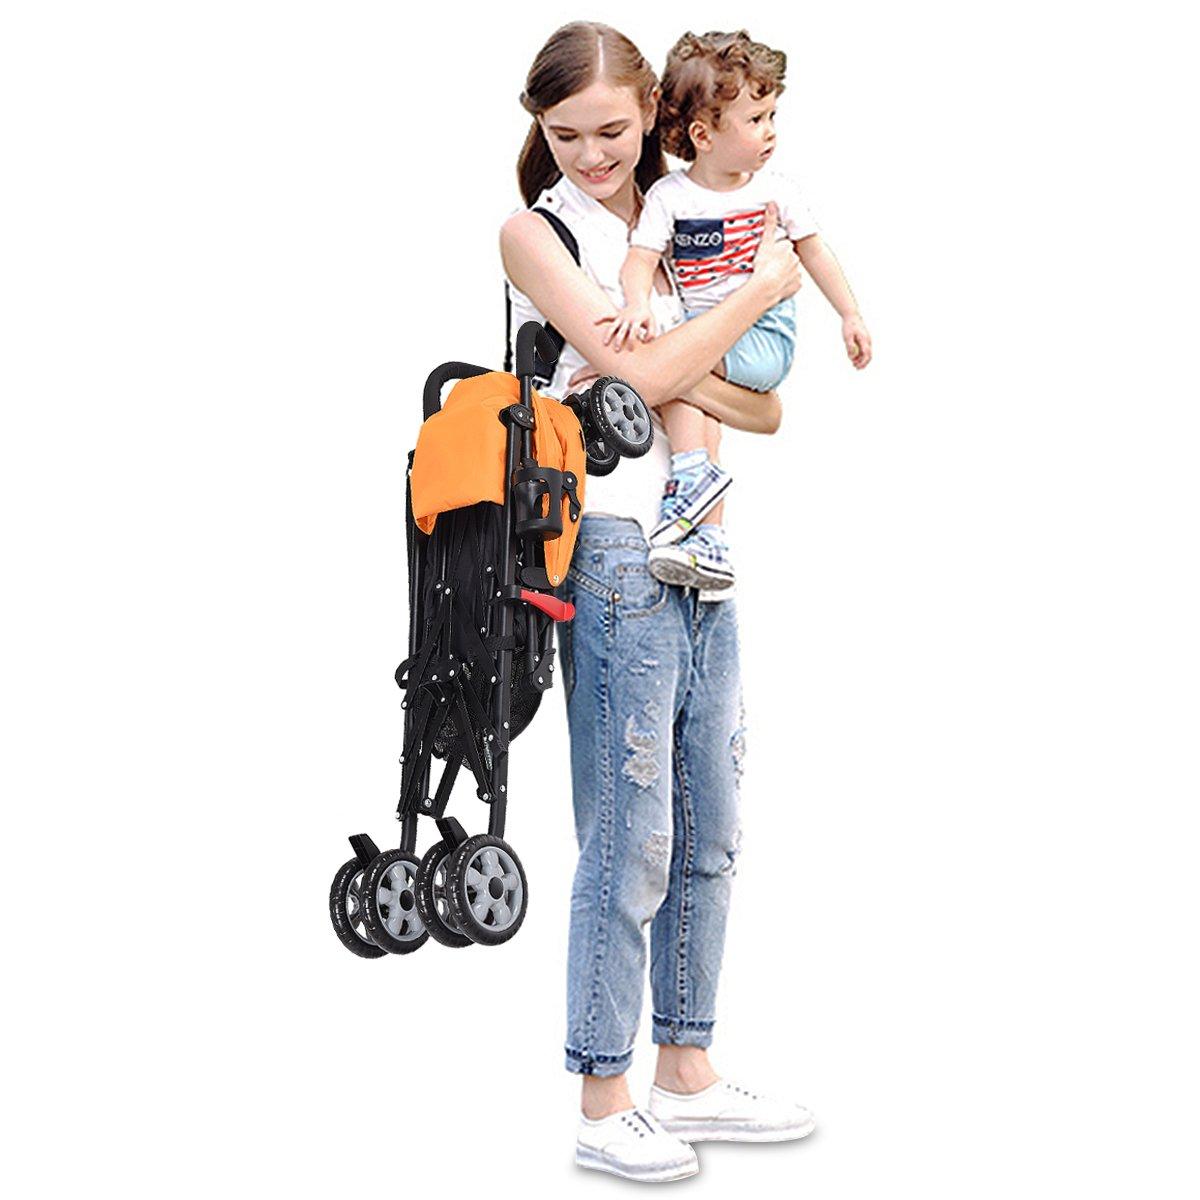 INFANS Lightweight Baby Umbrella Stroller, Foldable Infant Travel Stroller with 4 Position Recline, Adjustable Backrest, Cup Holder, Storage Basket, UV Protection Canopy, Carry Belt (Orange) by INFANS (Image #5)